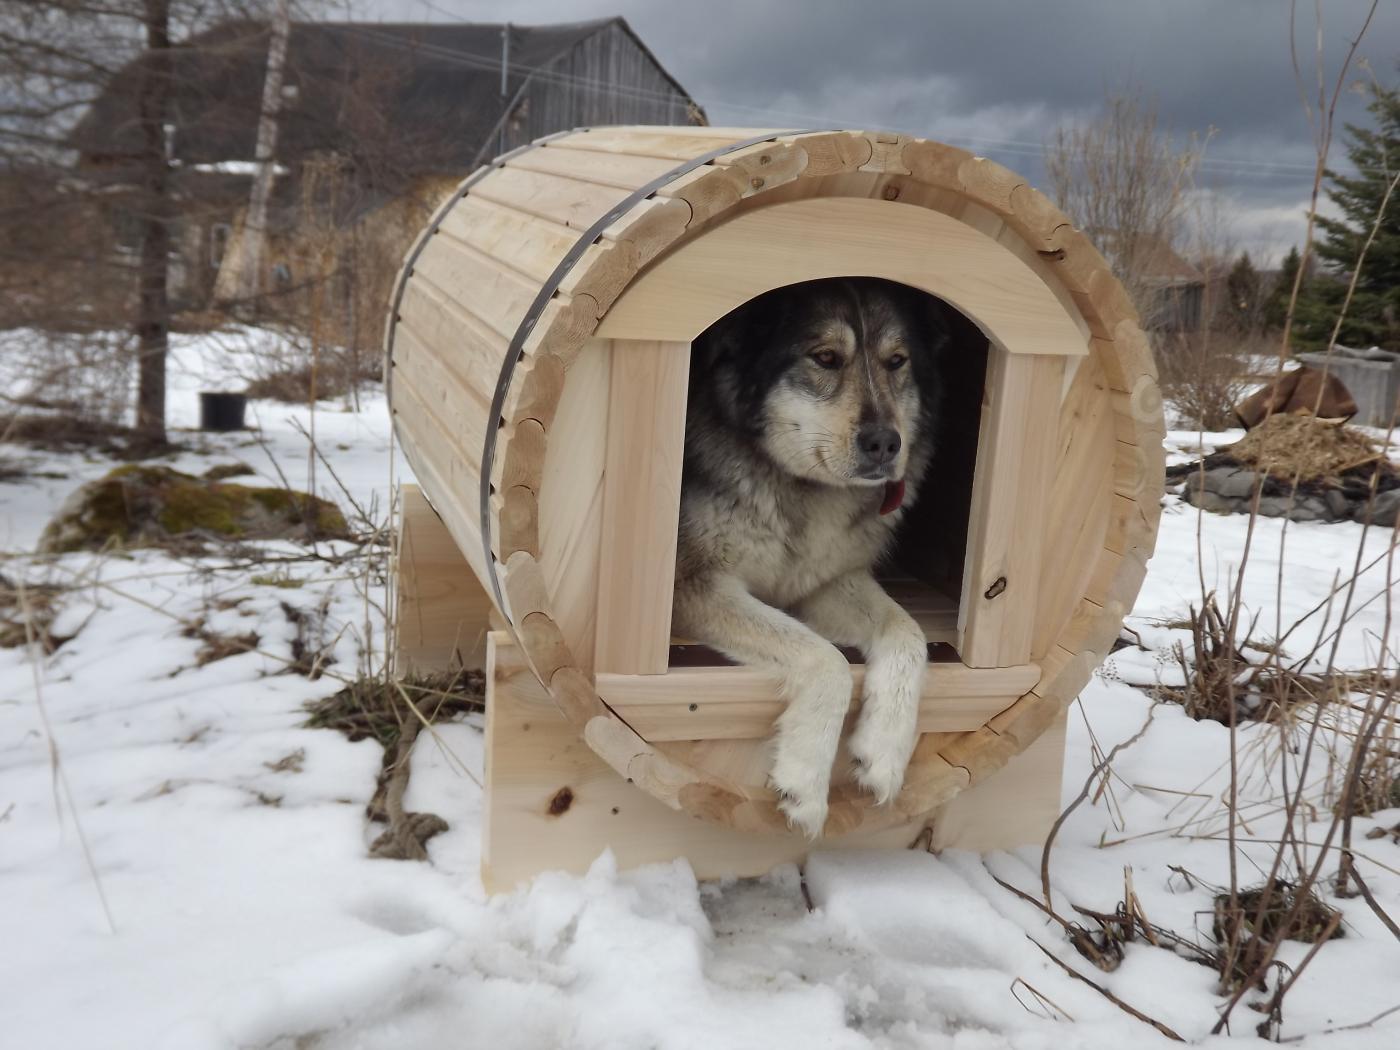 Sauna - Le petit moulin du 4 milles - Artisans du cèdre - Cédrières - Saunas - Les barils - Cantons de l'Est - Estrie